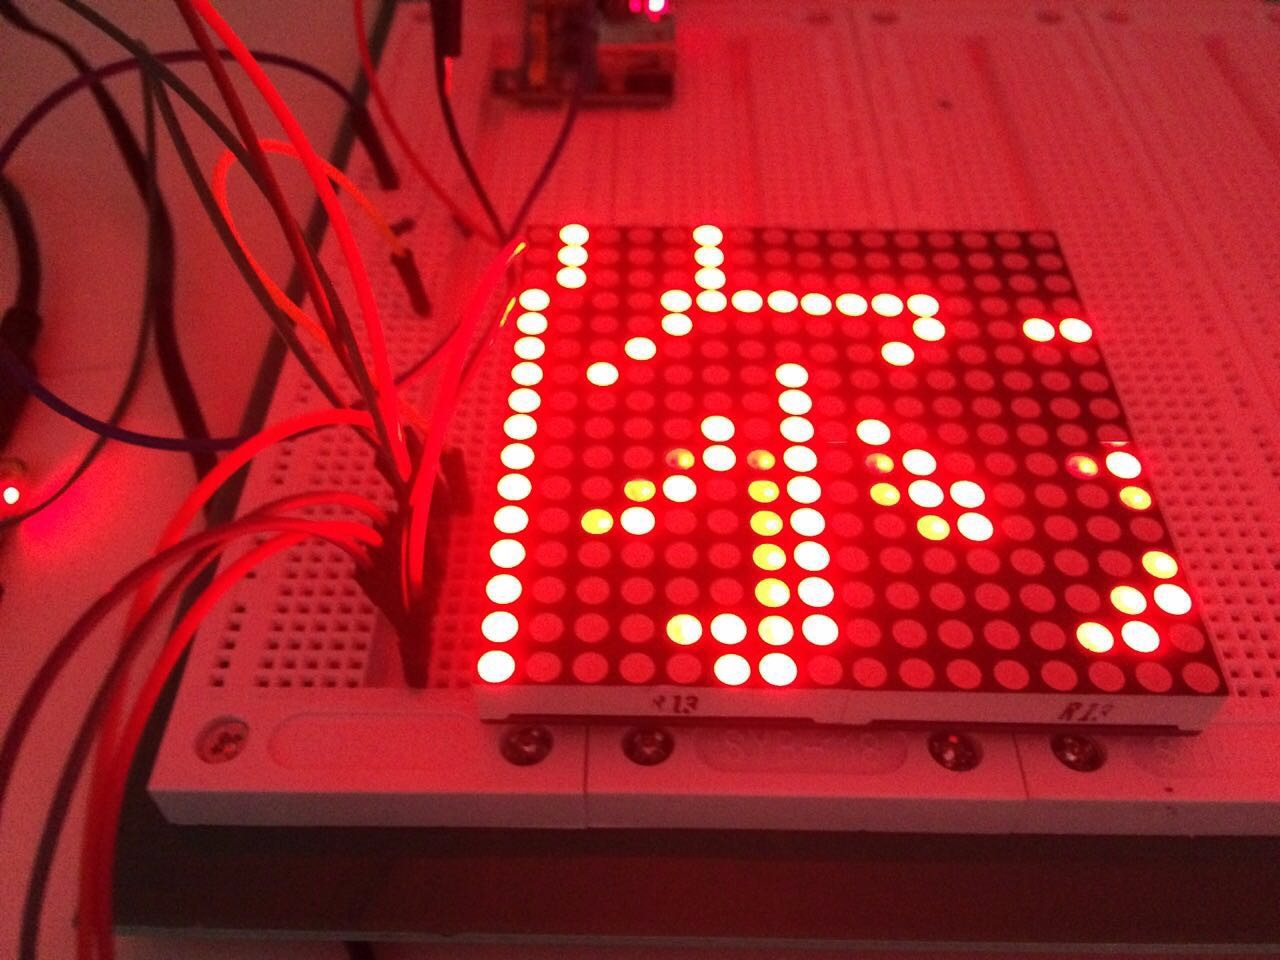 LY-LED16x16B V2.1